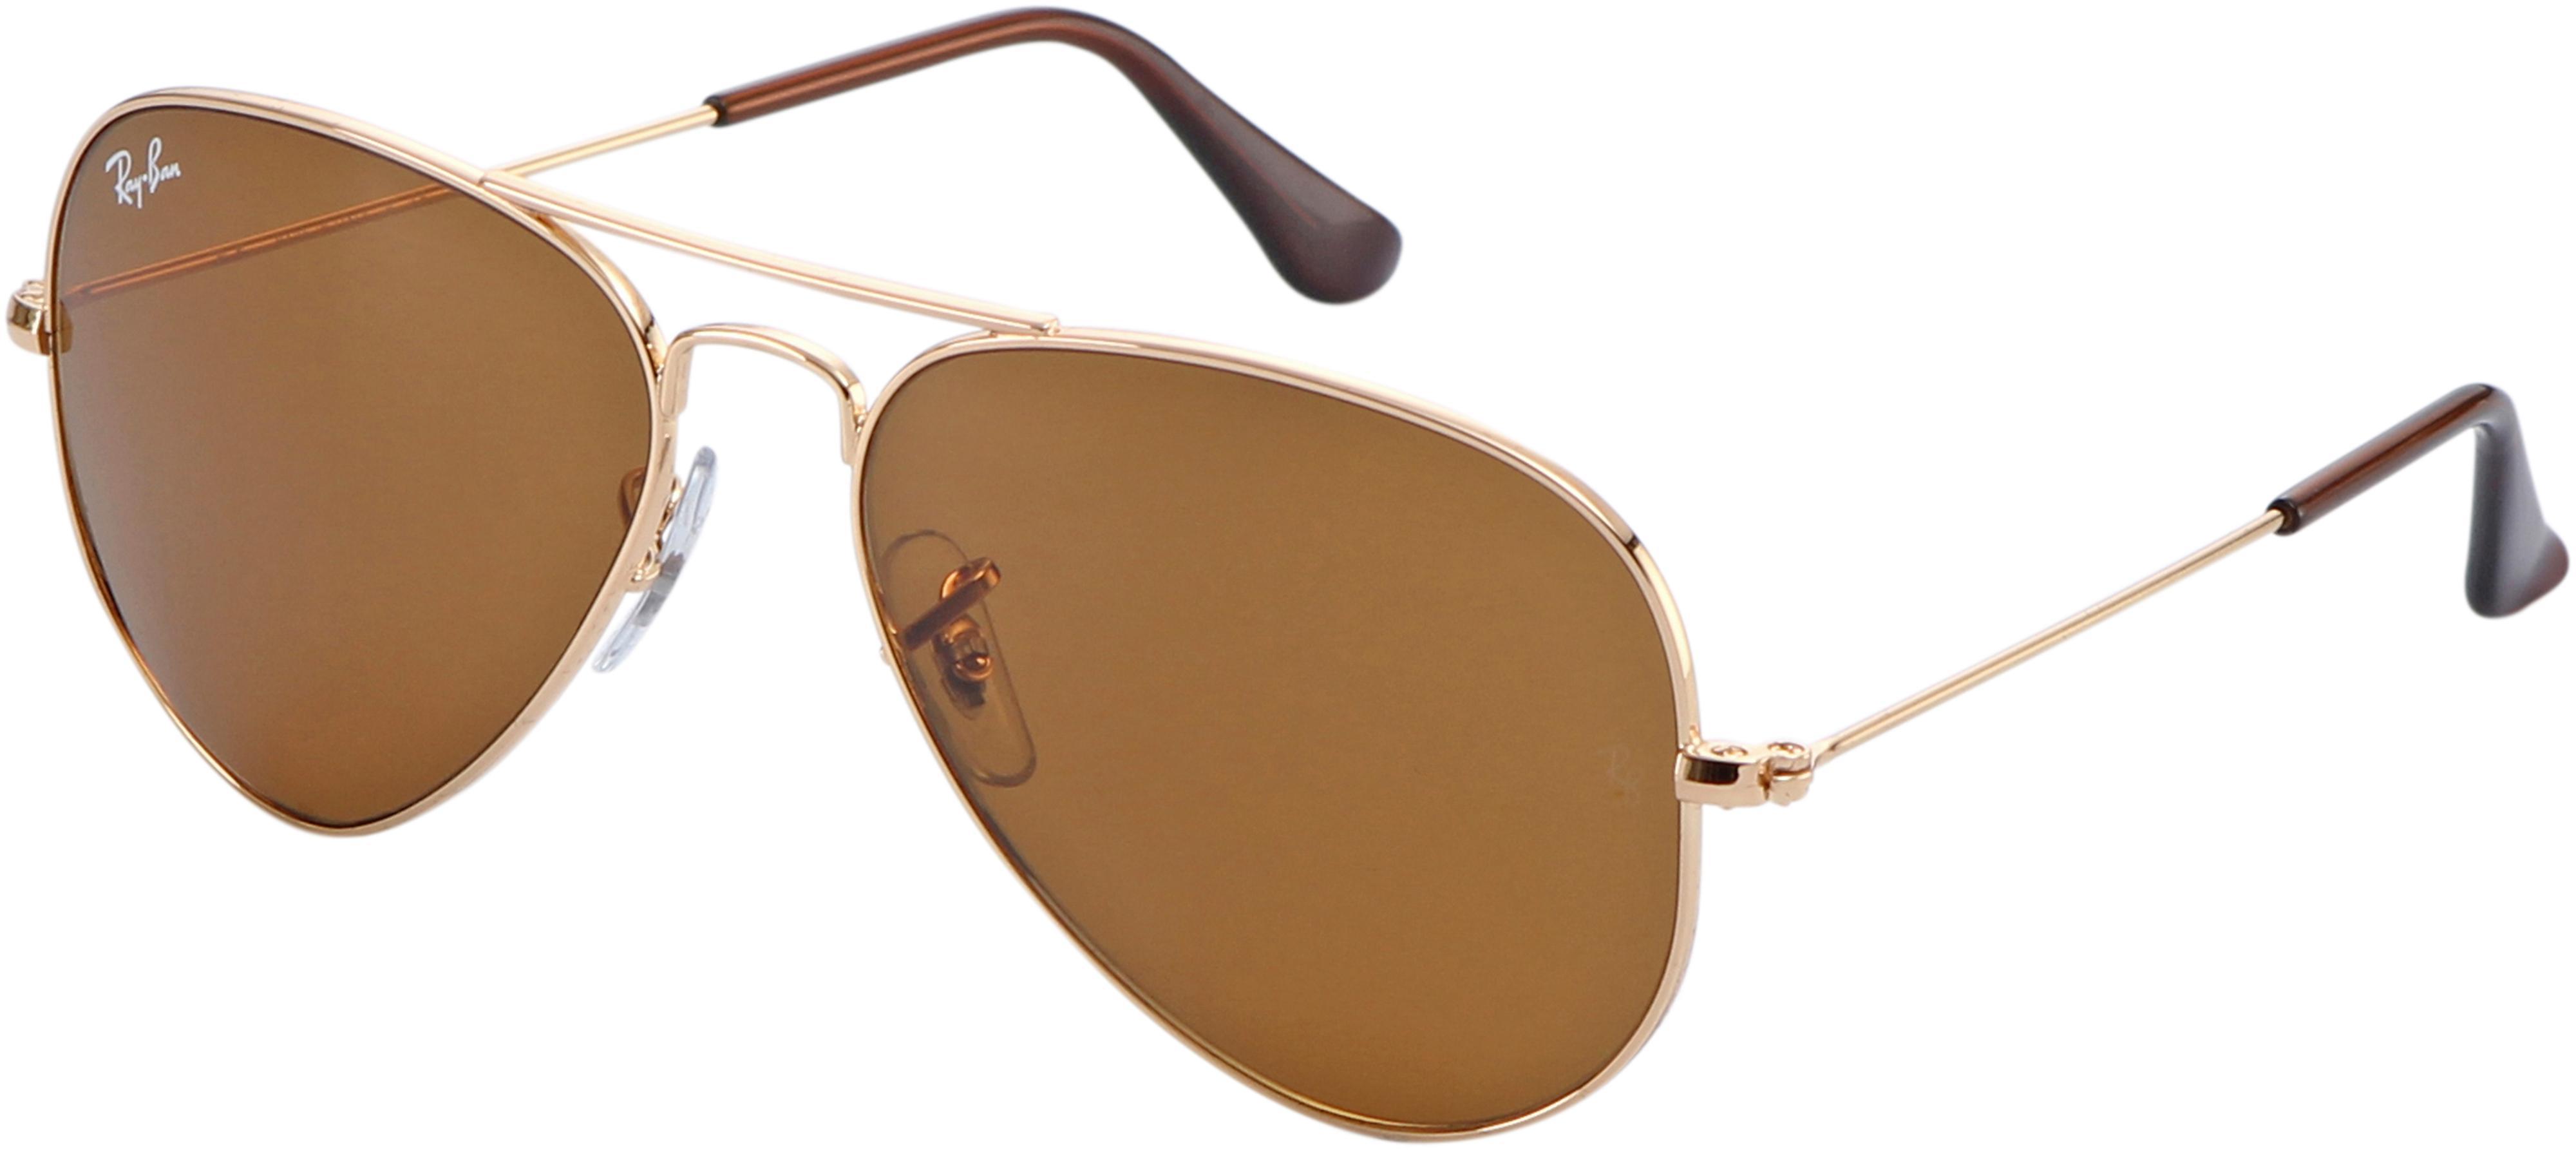 ray ban brille enger stellen reduziert|Kostenlose Lieferung!